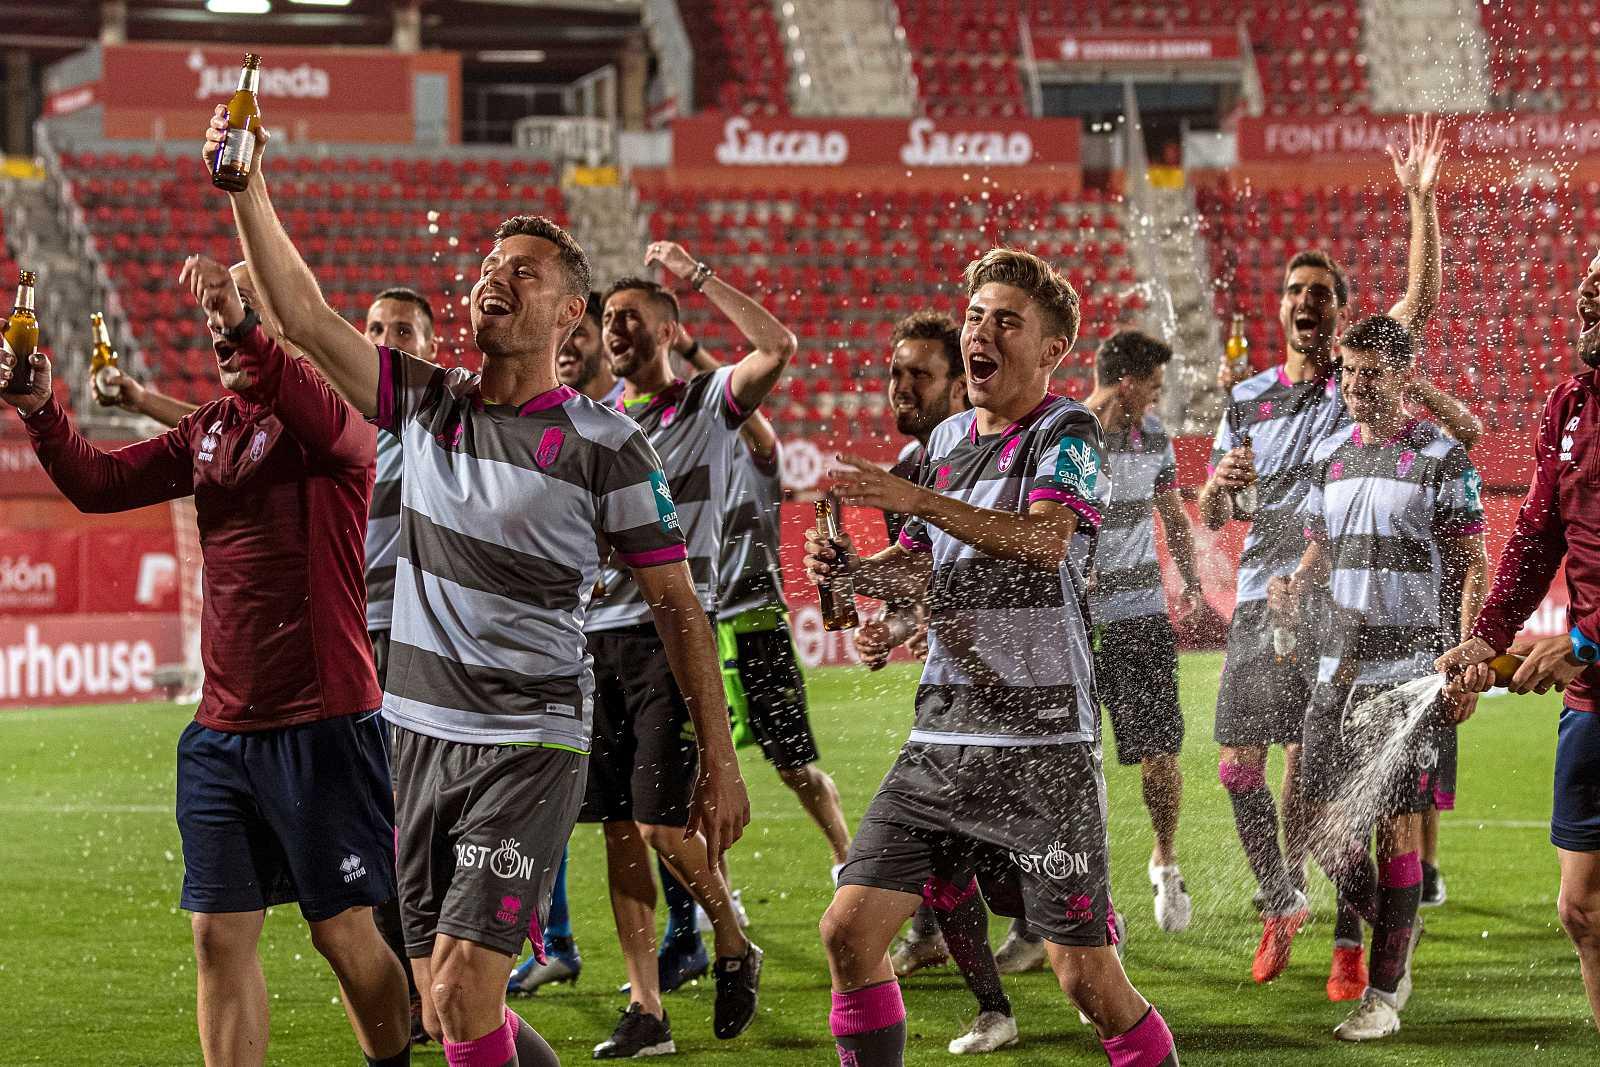 boicotear borgoña Sobrio  Fútbol   El Granada sella su ascenso a Primera con su empate 1-1 en  Mallorca - RTVE.es